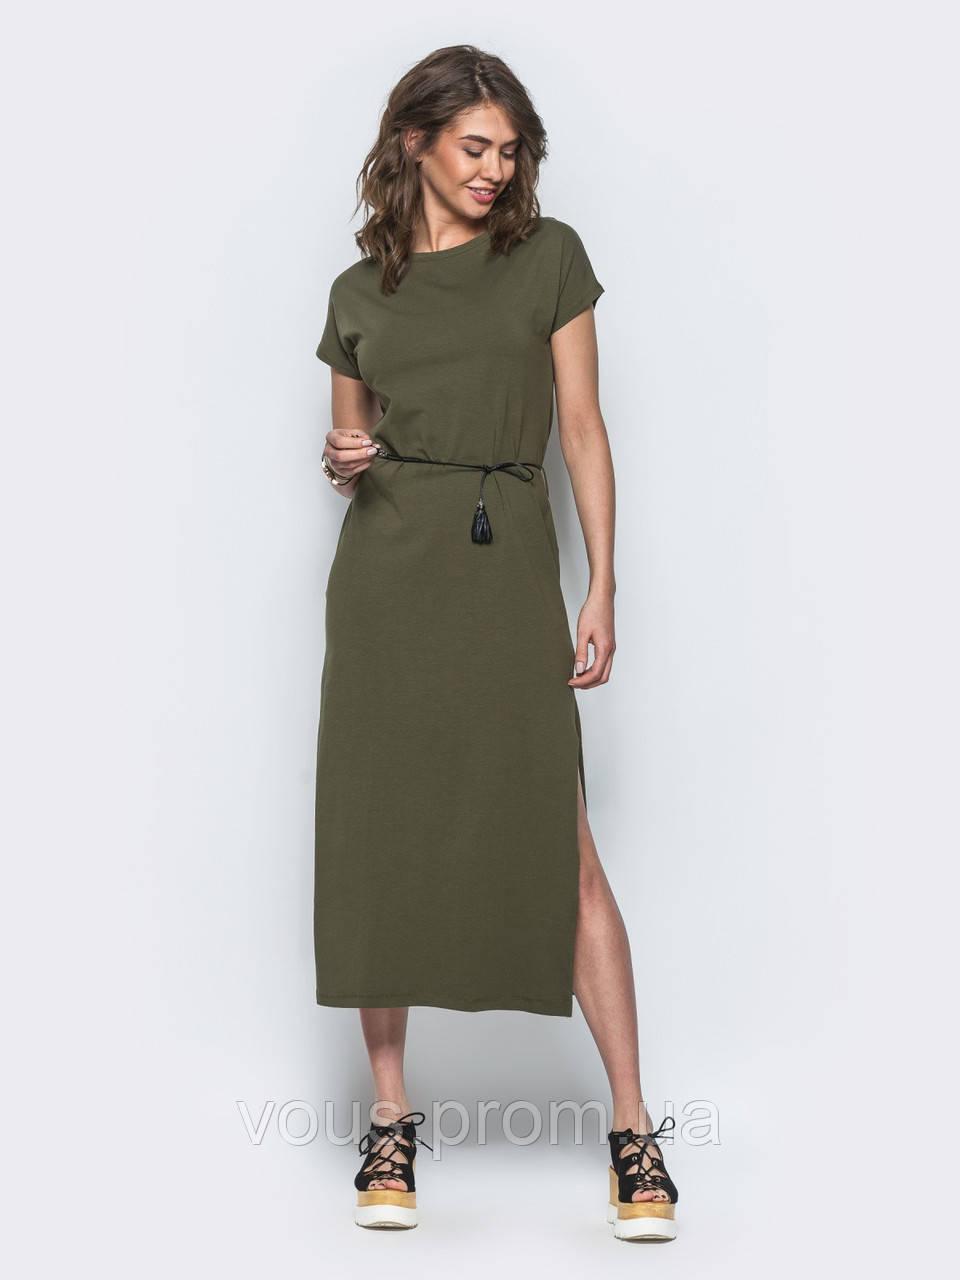 d520e91f616 Стильное повседневное платье - Интернет-магазин «Vous» в Закарпатской  области